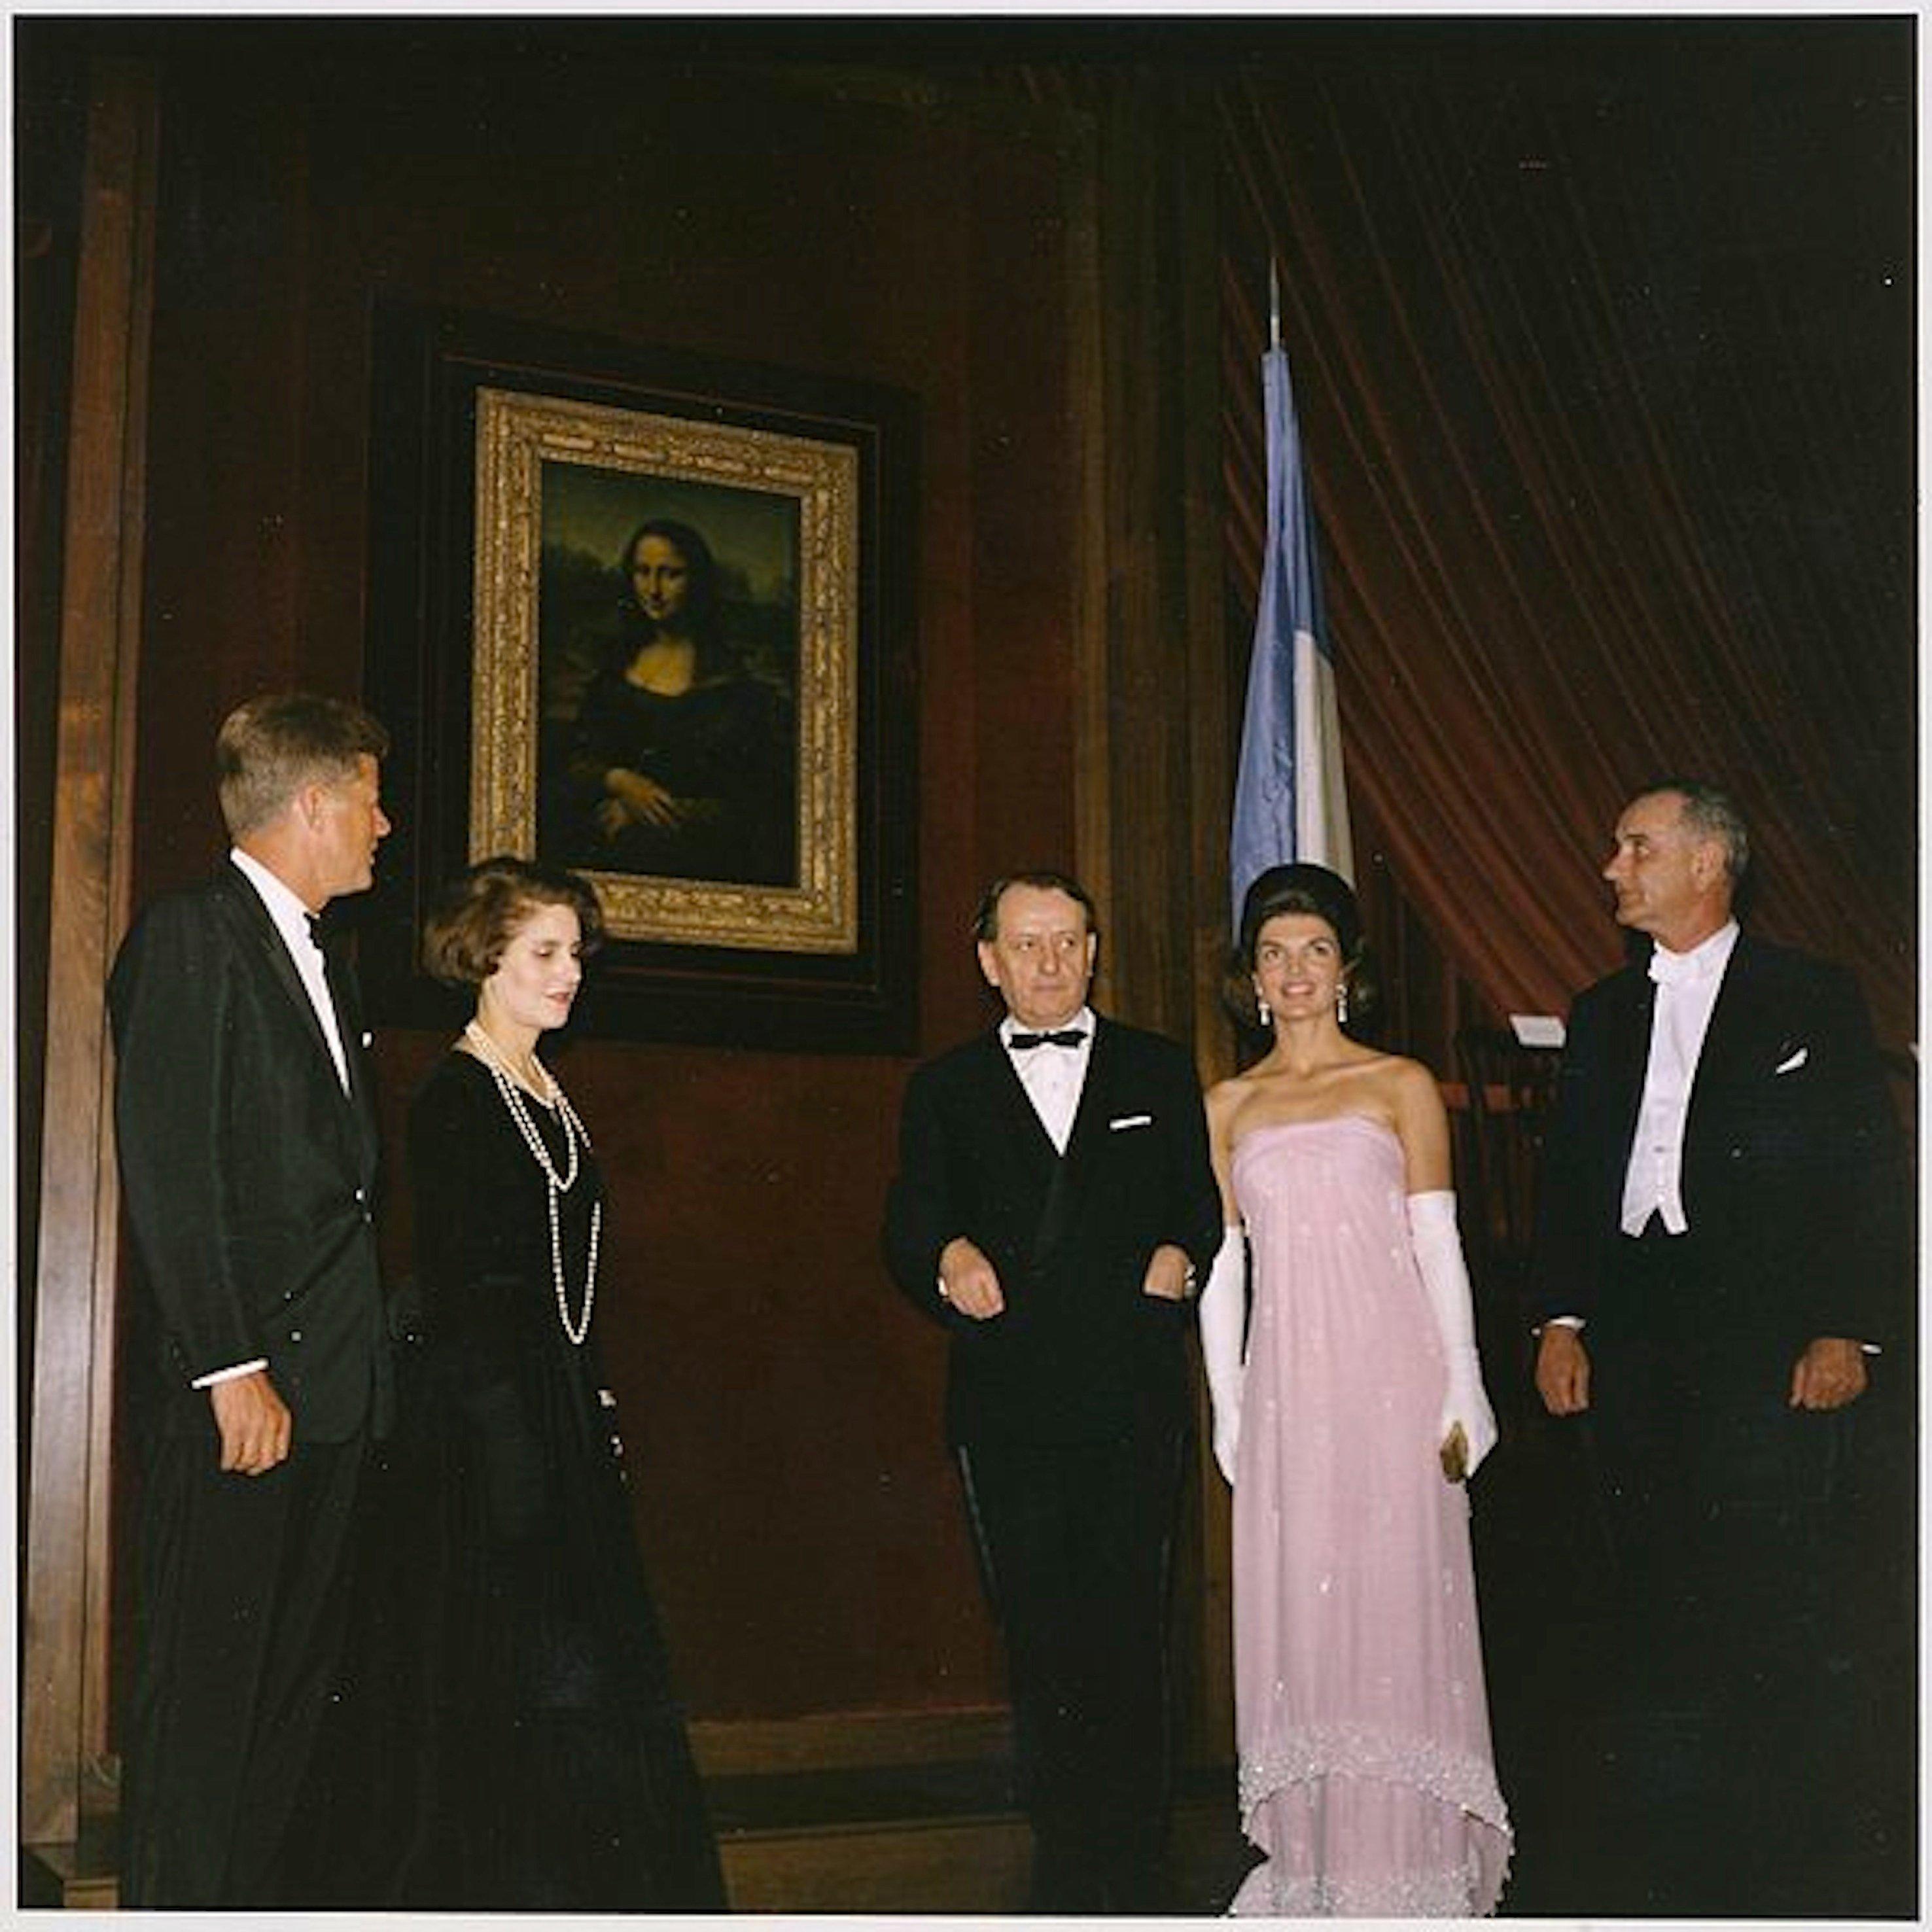 Jackie y J. F. Kennedy con el ministro de Cultura de Francia, André Malraux. Foto: Christies